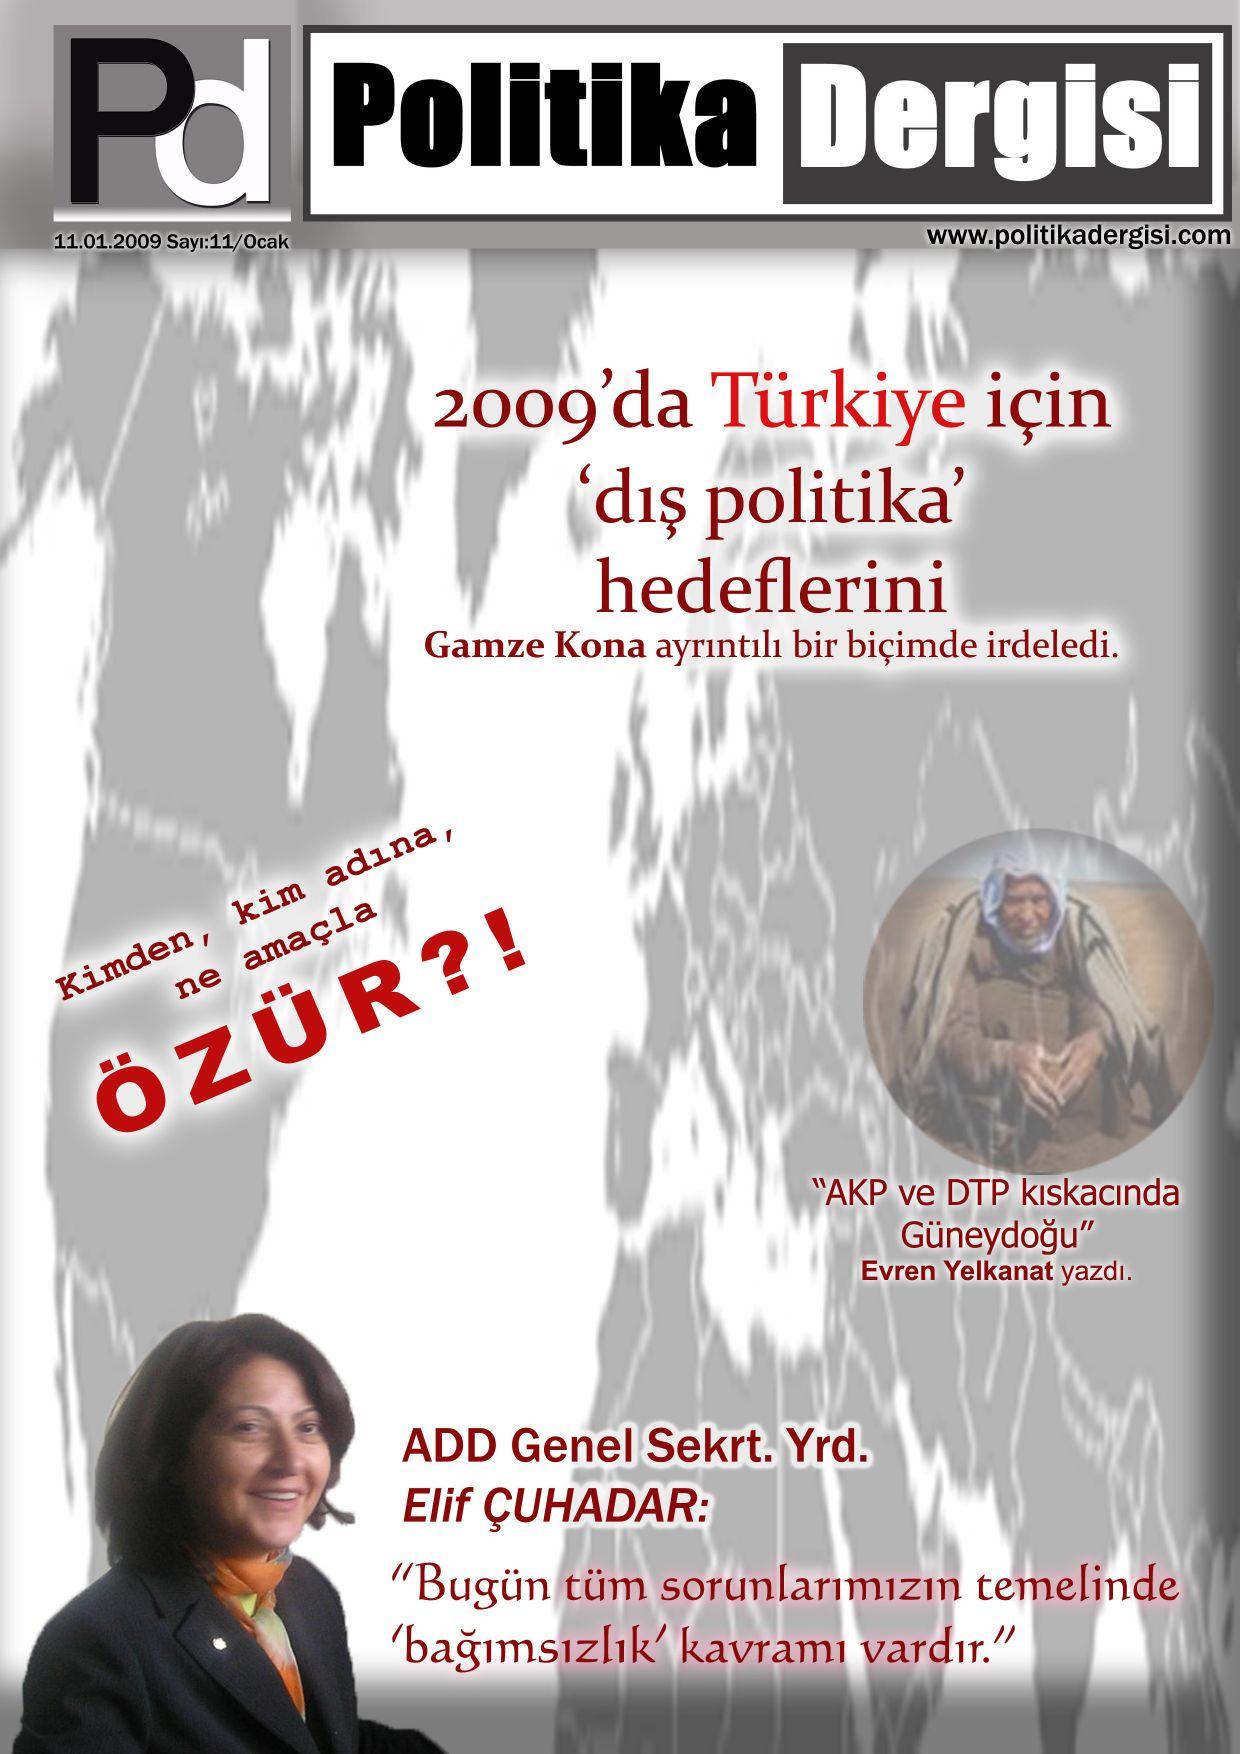 Rosselhoznadzor, Türkiye'nin Rusya'ya yaptırımlı elma' ihraç ettiğinden şüpheleniyor 16